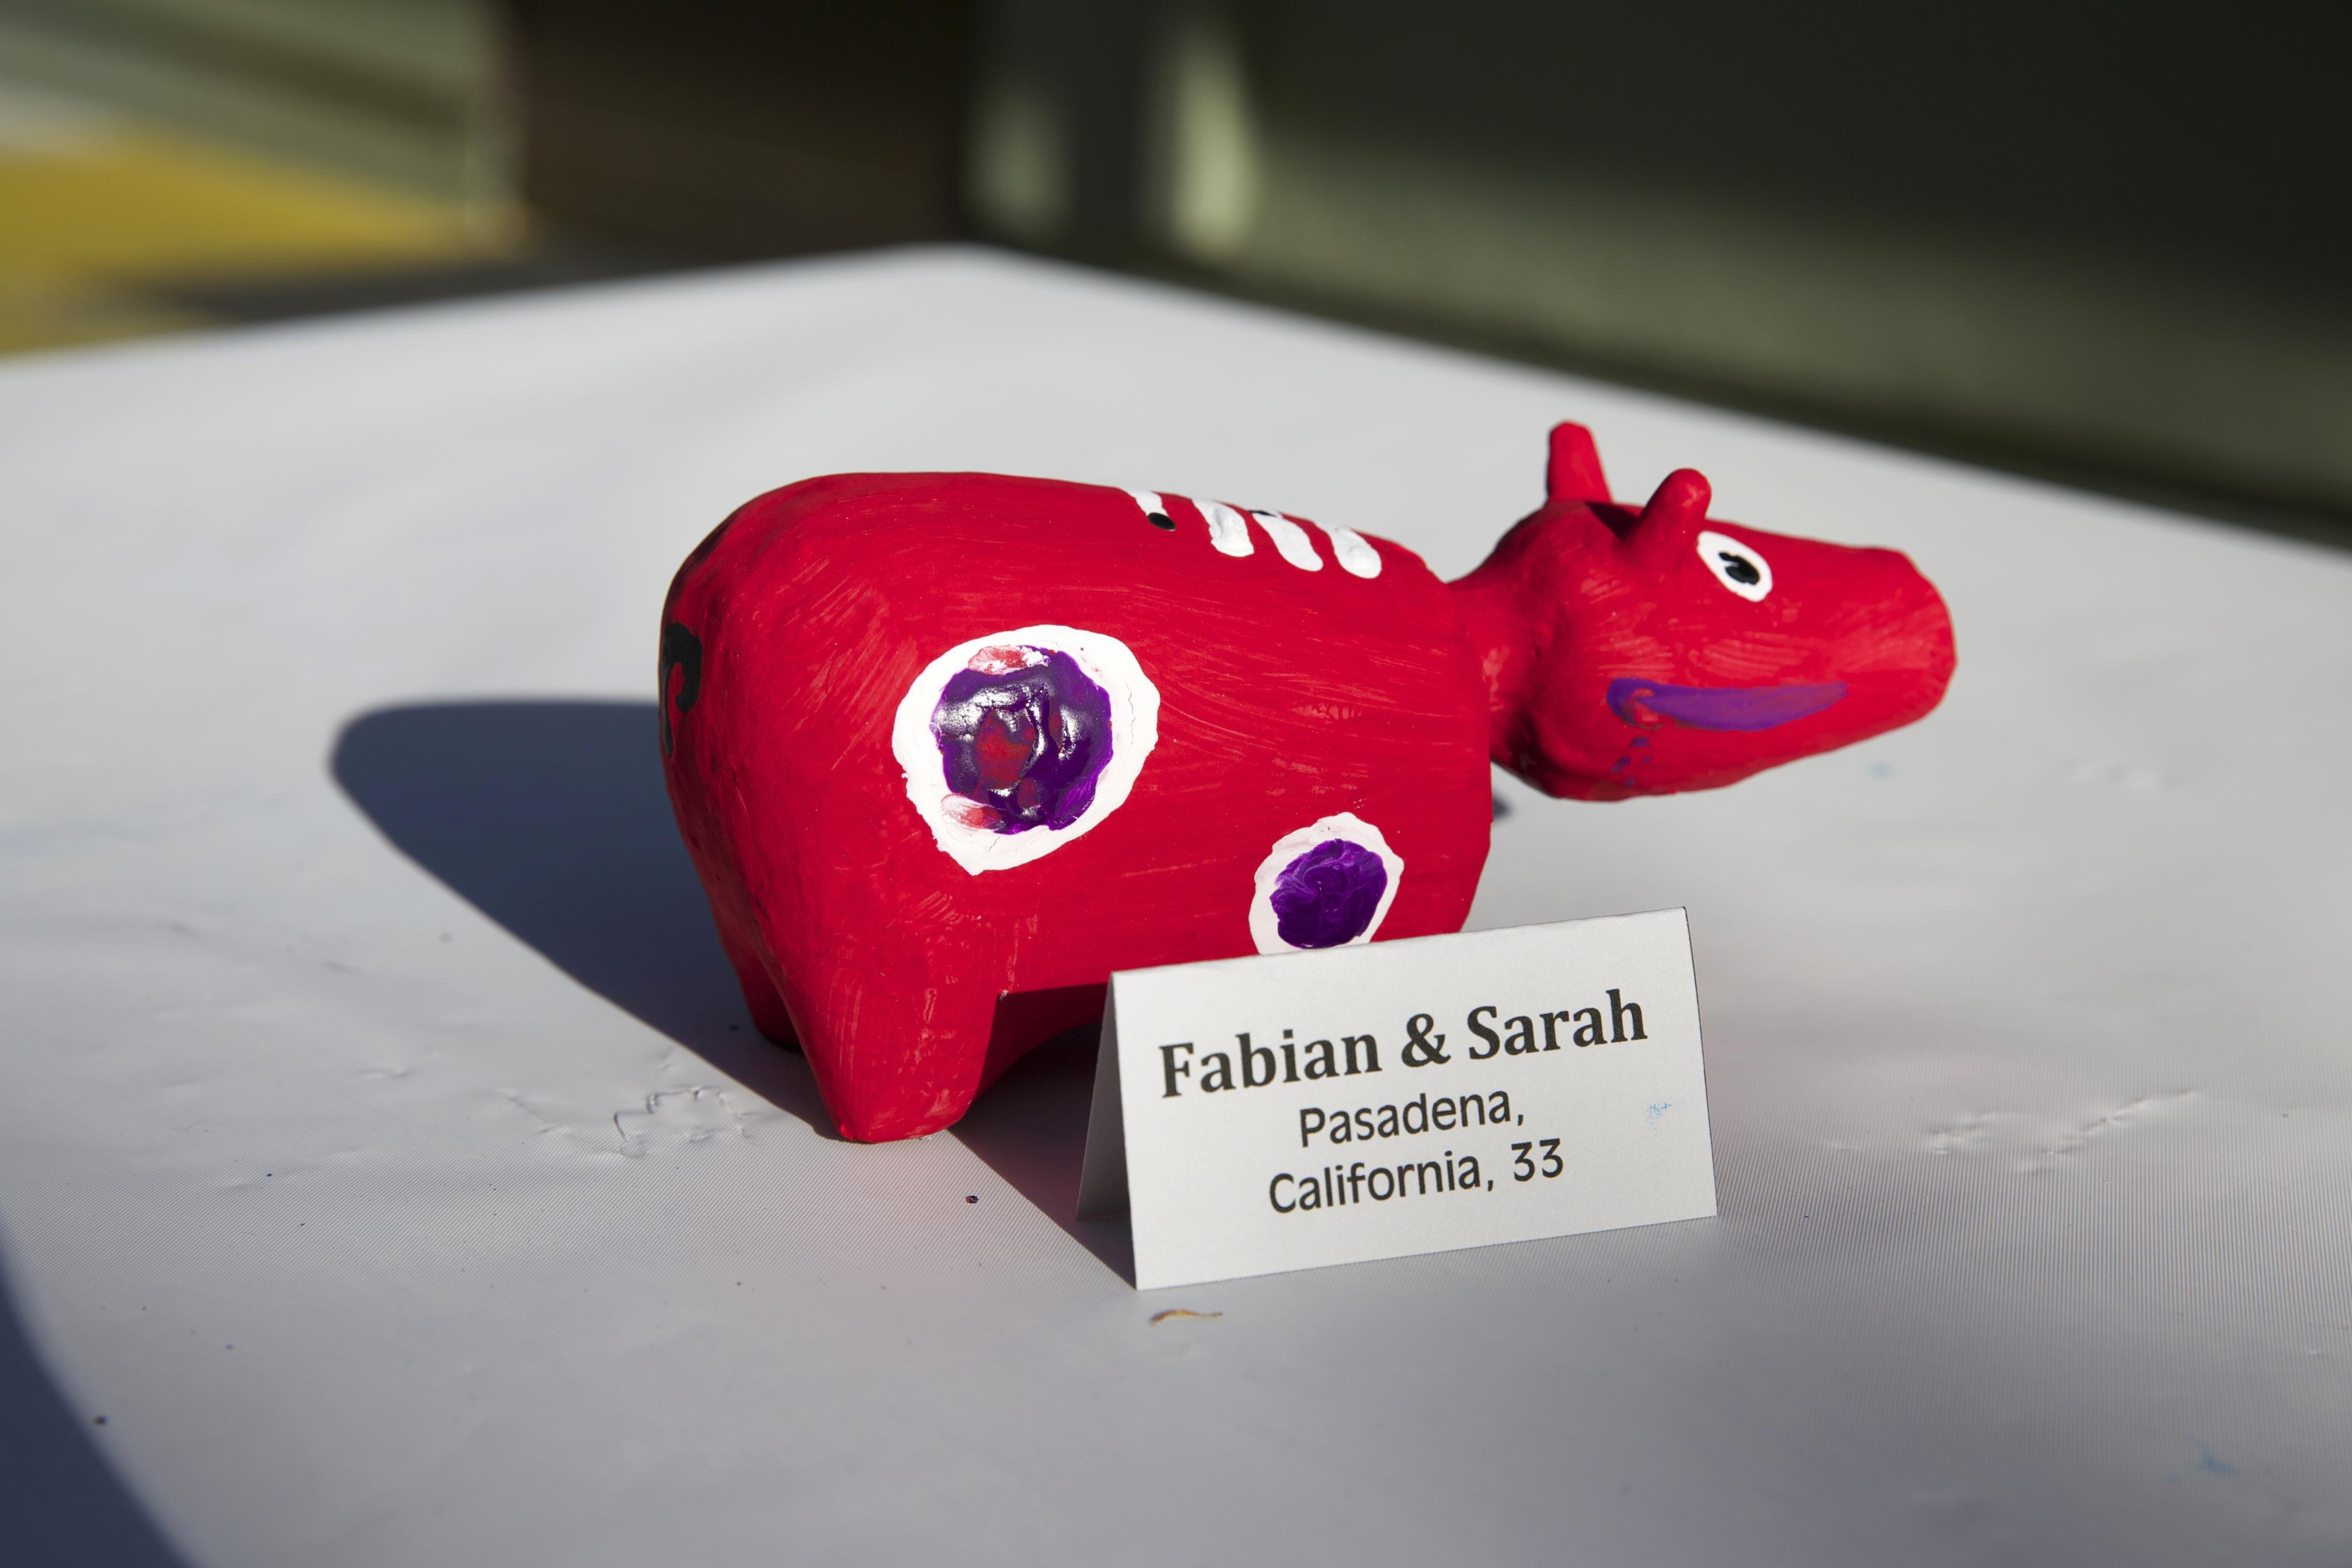 Fabian & Sarah